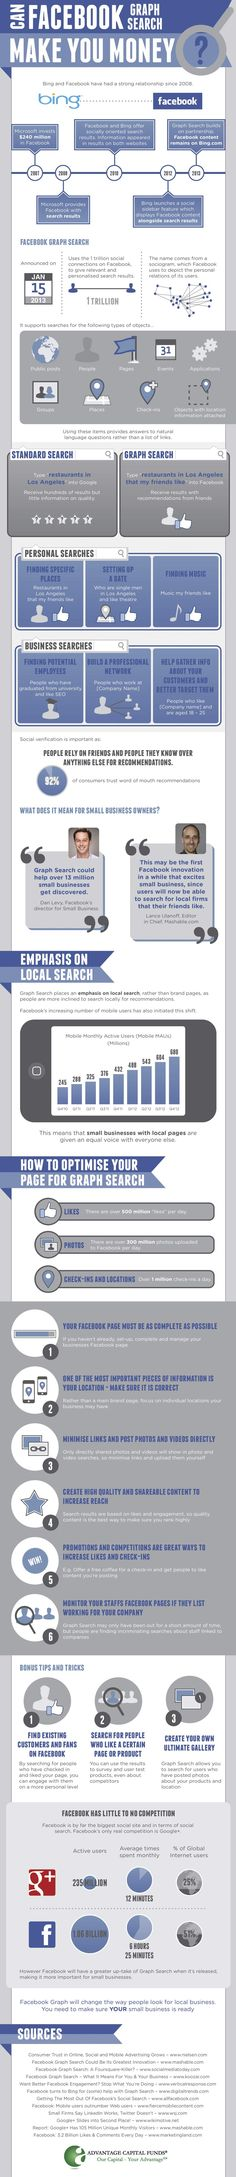 Can #Facebook #GraphSearch Make You Money?